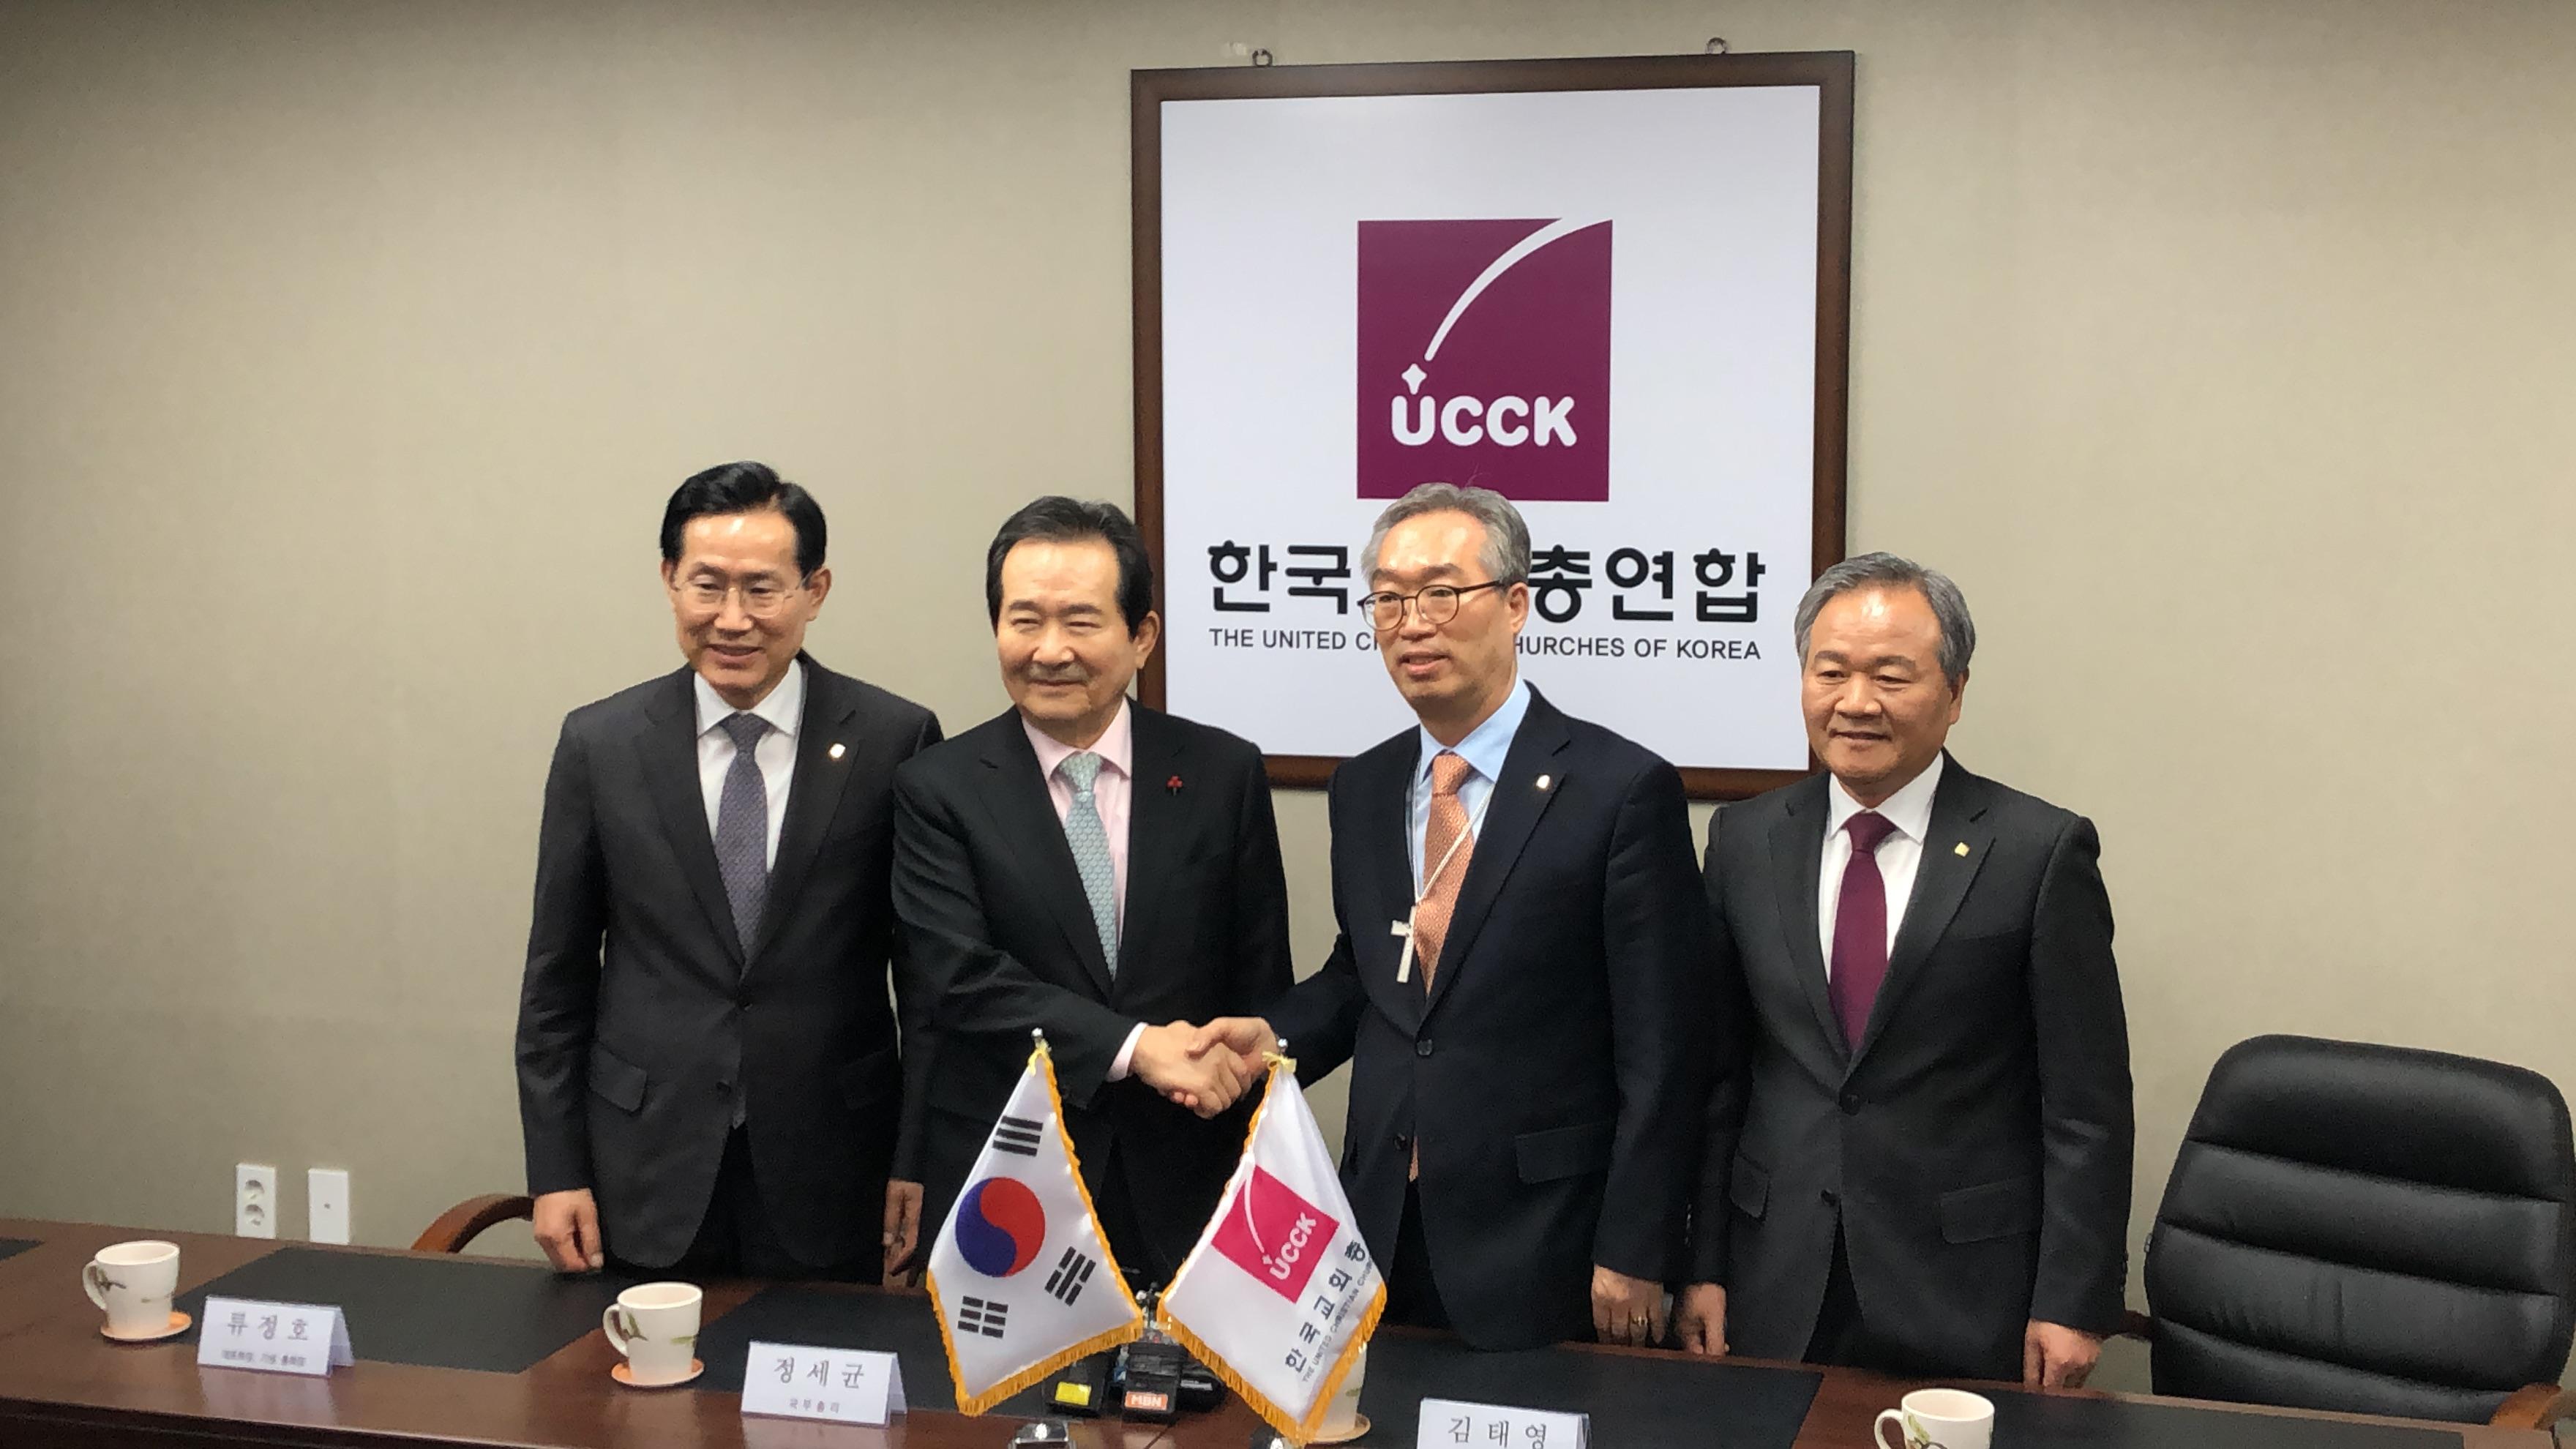 정세균 국무총리, 한국기독교 연합기관 방문관련 이미지 입니다.